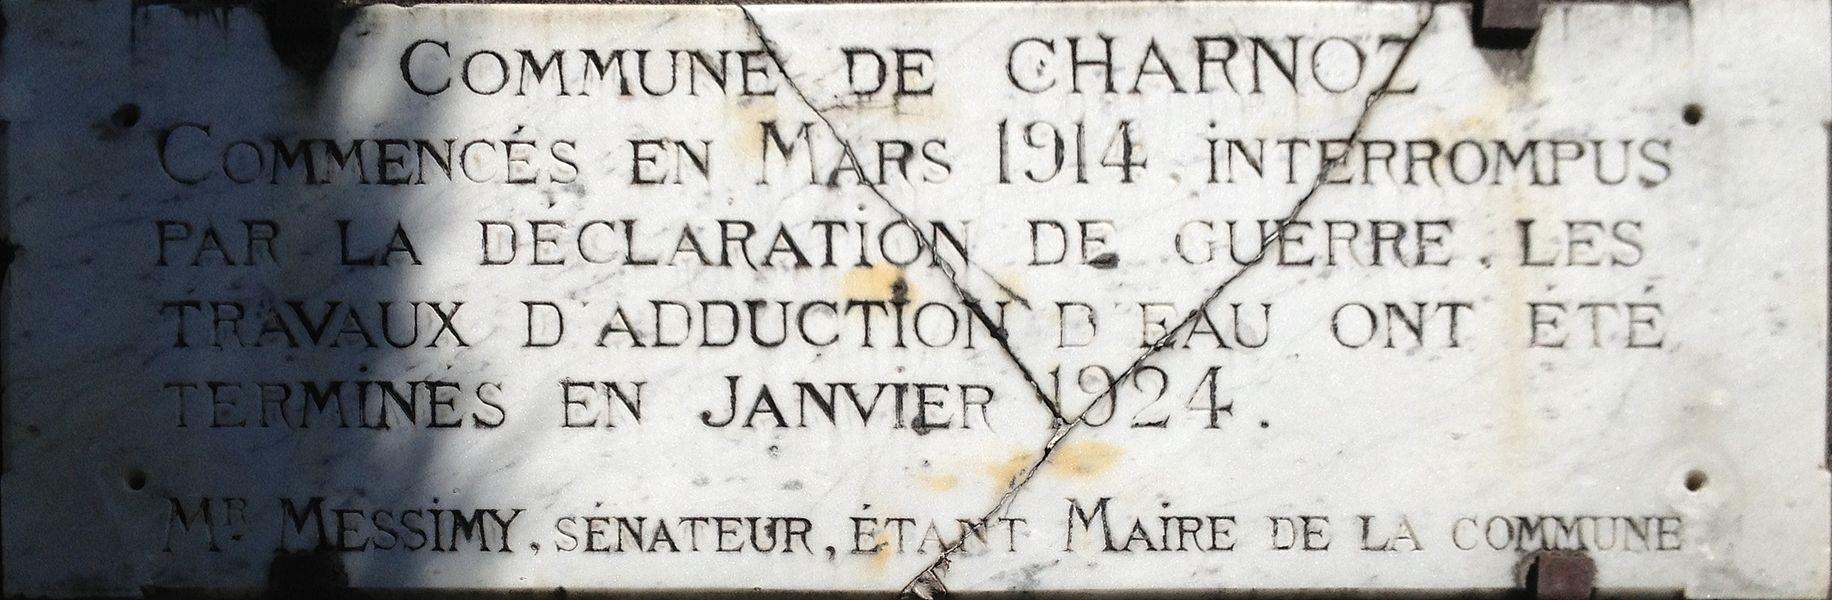 Plaque à Charnoz-sur-Ain à proximité immédiate de l'église de l'Assomption de Charnoz-sur-Ain